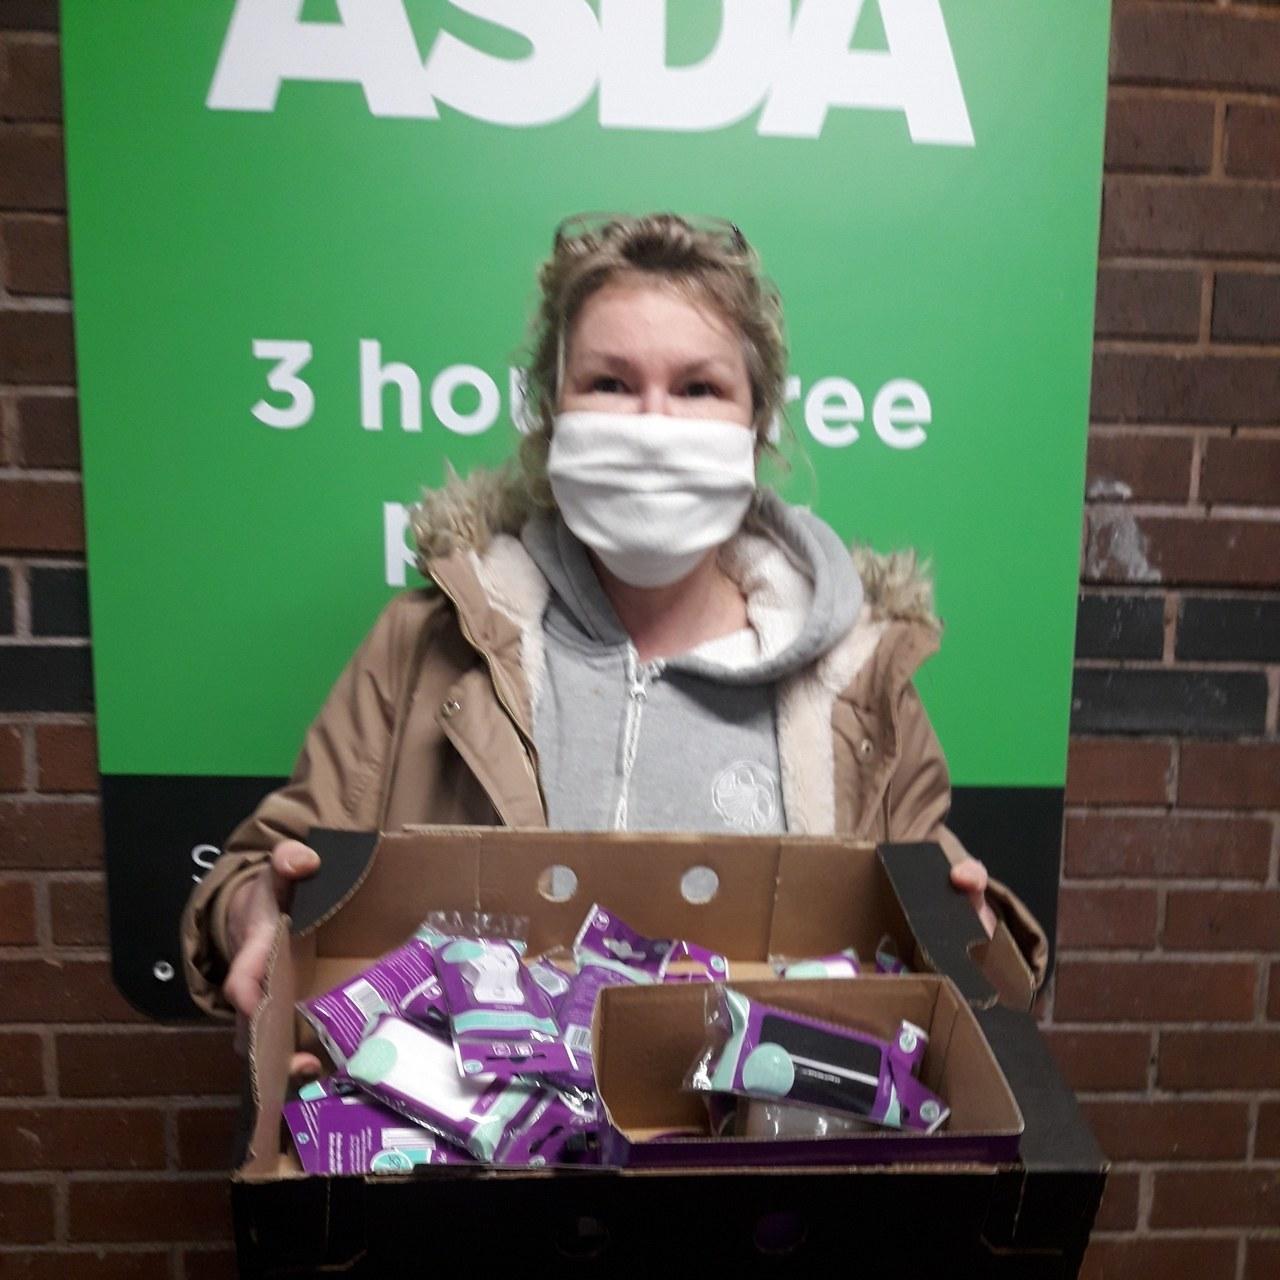 THE DORSET CHILDREN'S FOUNDATION | Asda Bournemouth